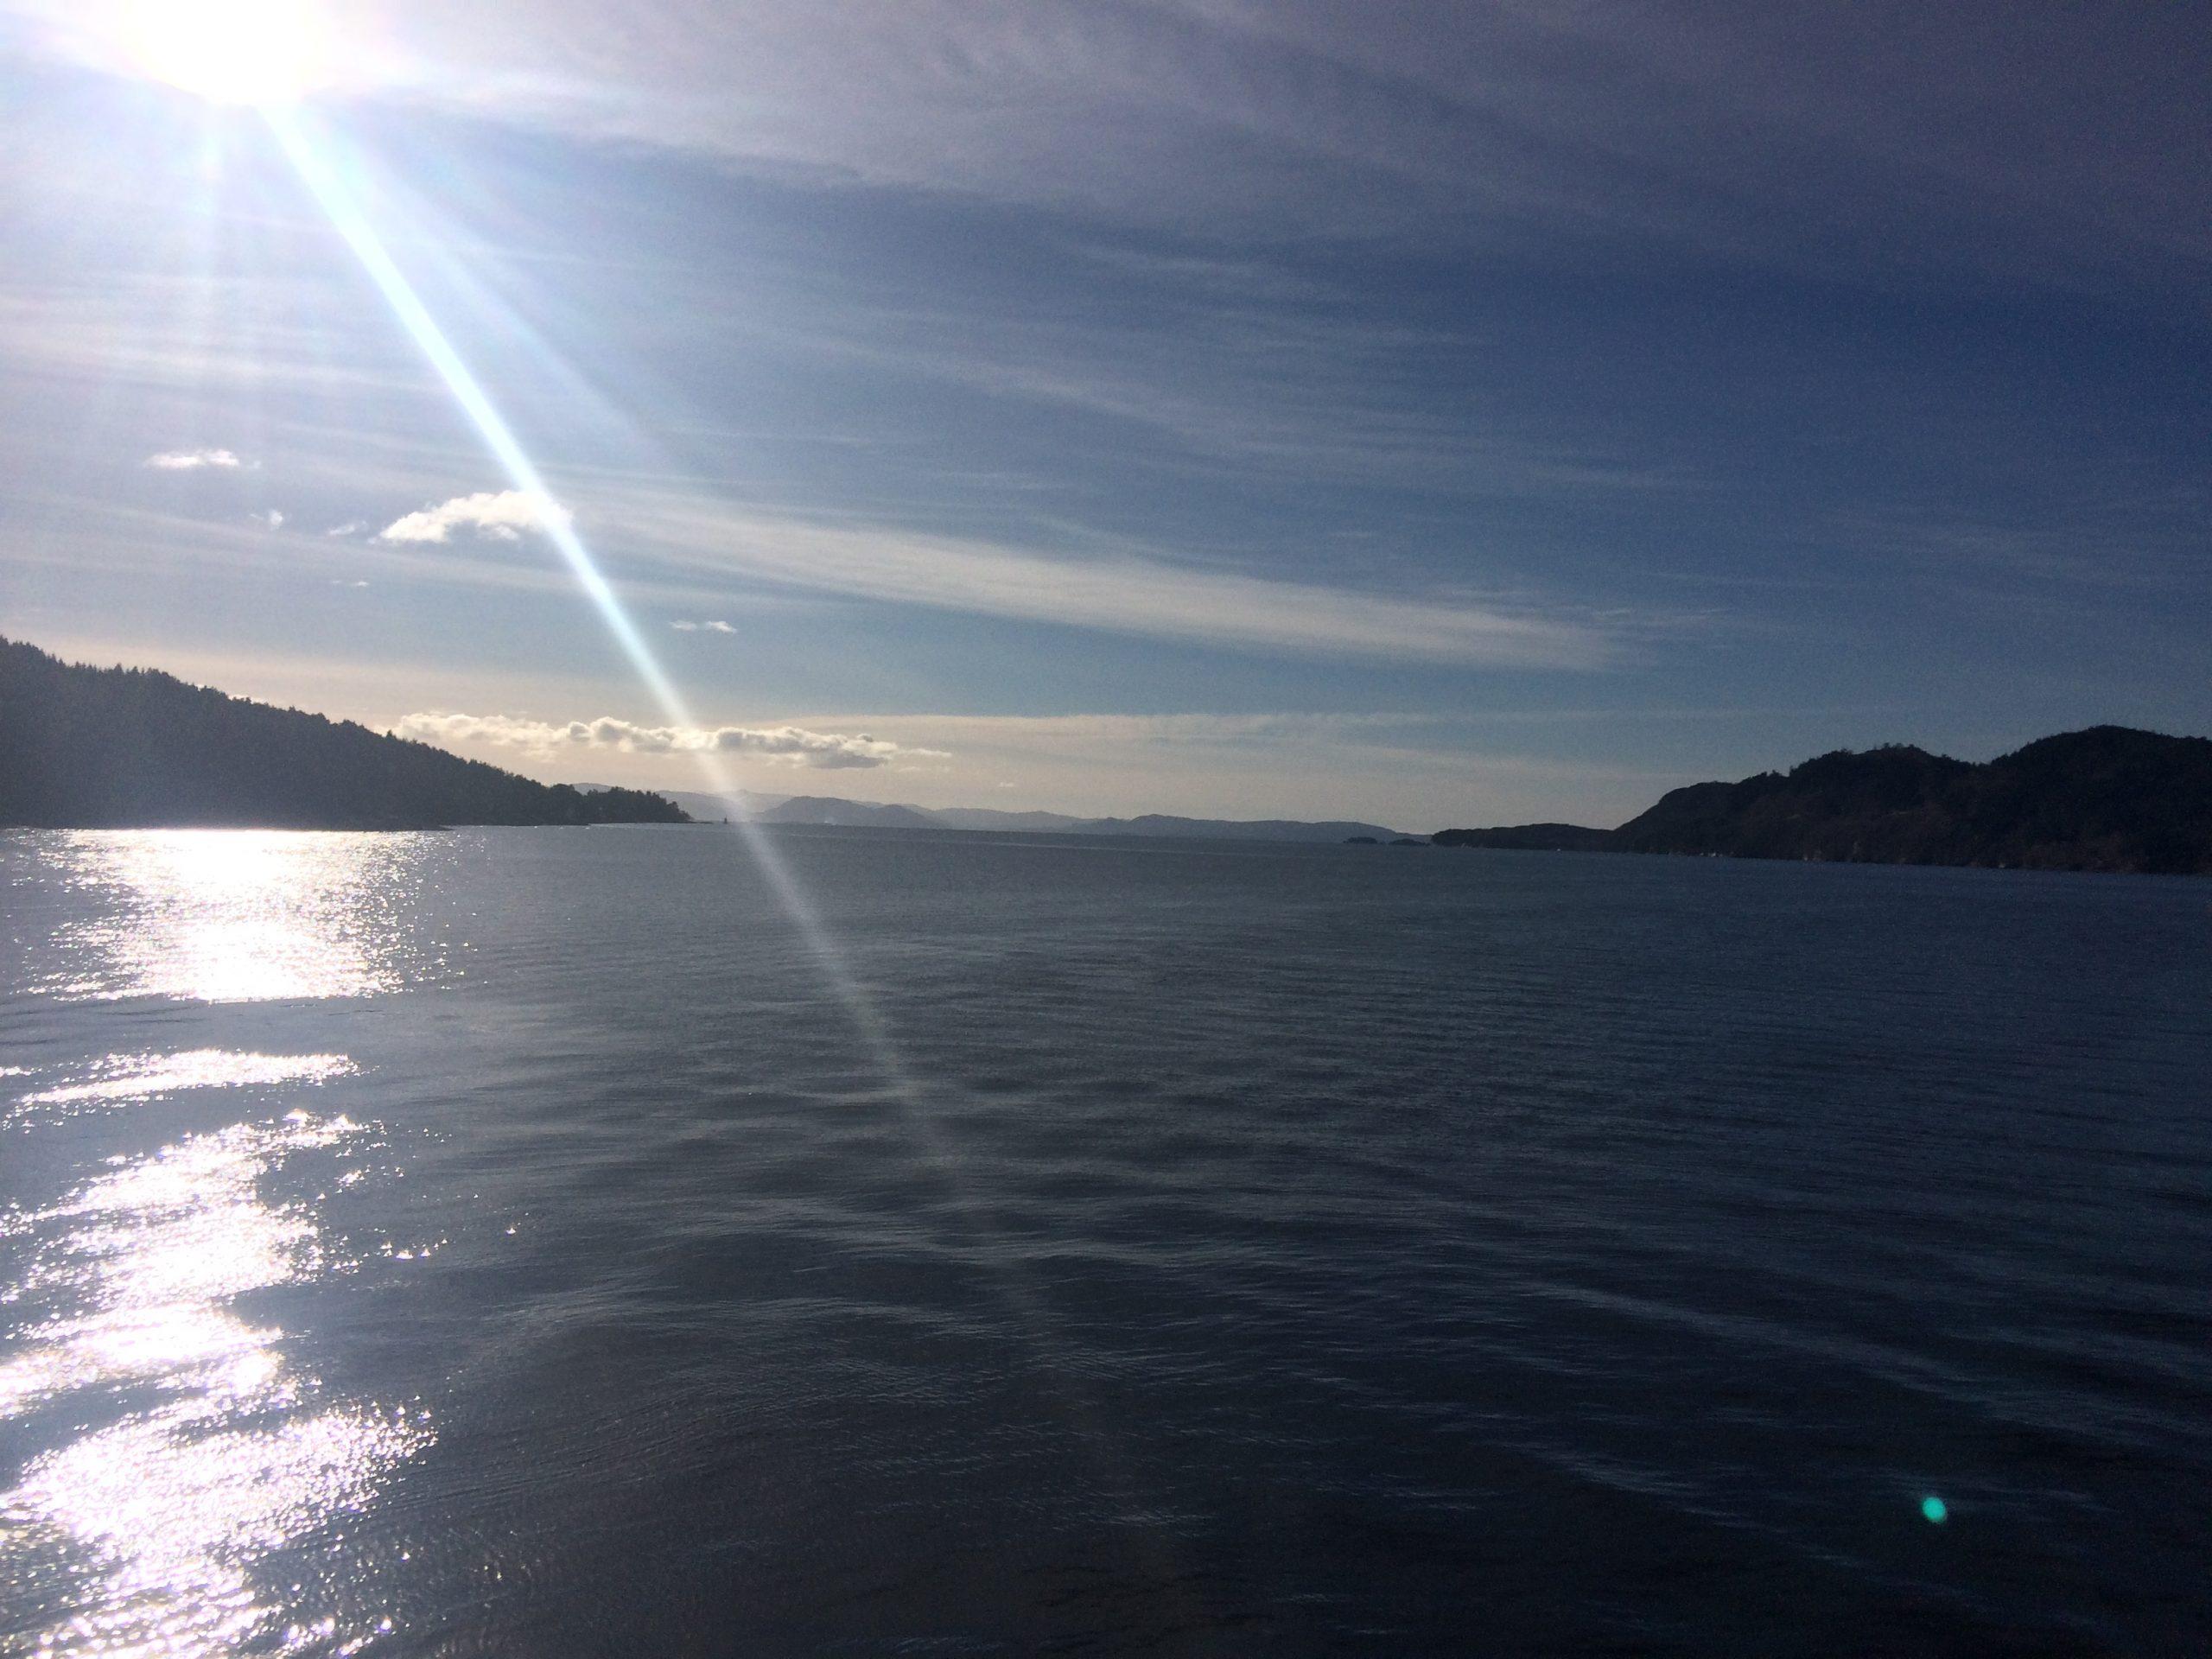 Kystrederiene part i nytt maritimt utvalg